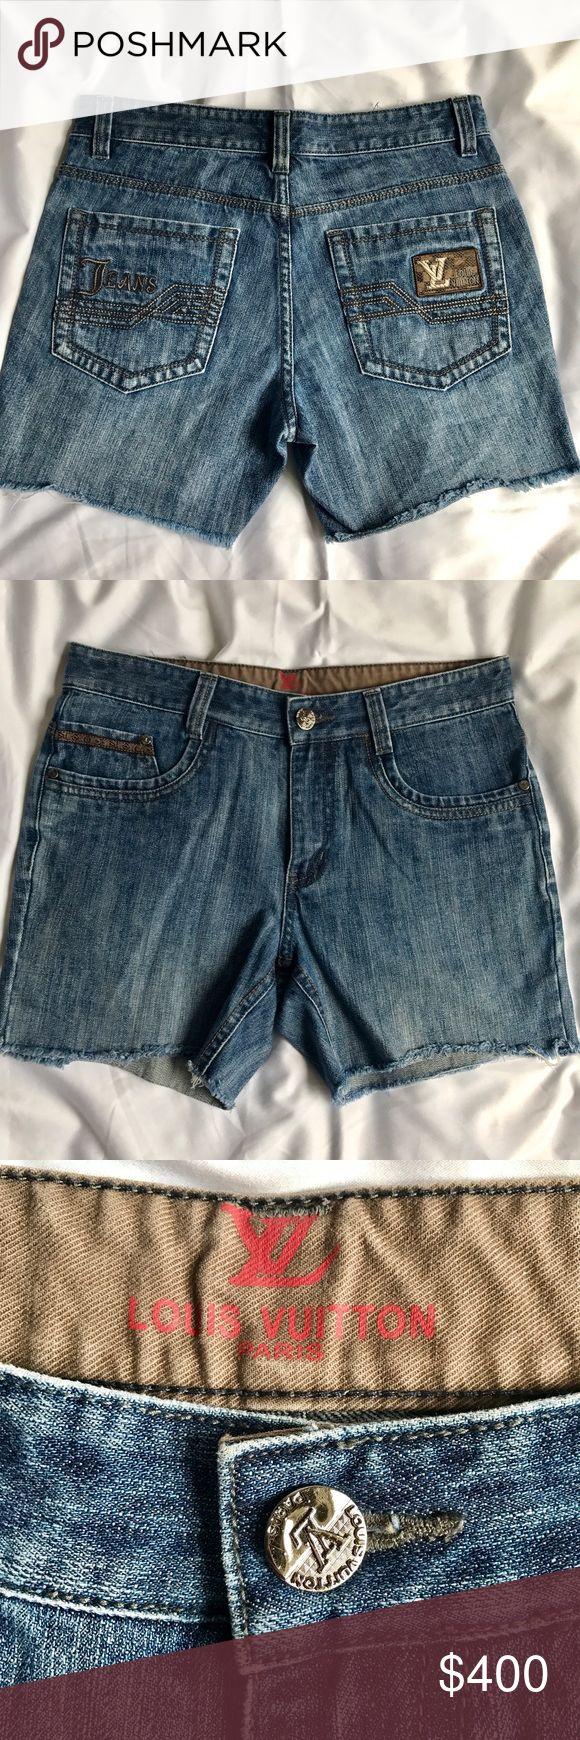 Authentic Louis Vuitton Jeans Shorts Sz 38 Adorable jeans shorts by Louis Vuitton. Made in France. Excellent condition. Size 36 Louis Vuitton Shorts Jean Shorts